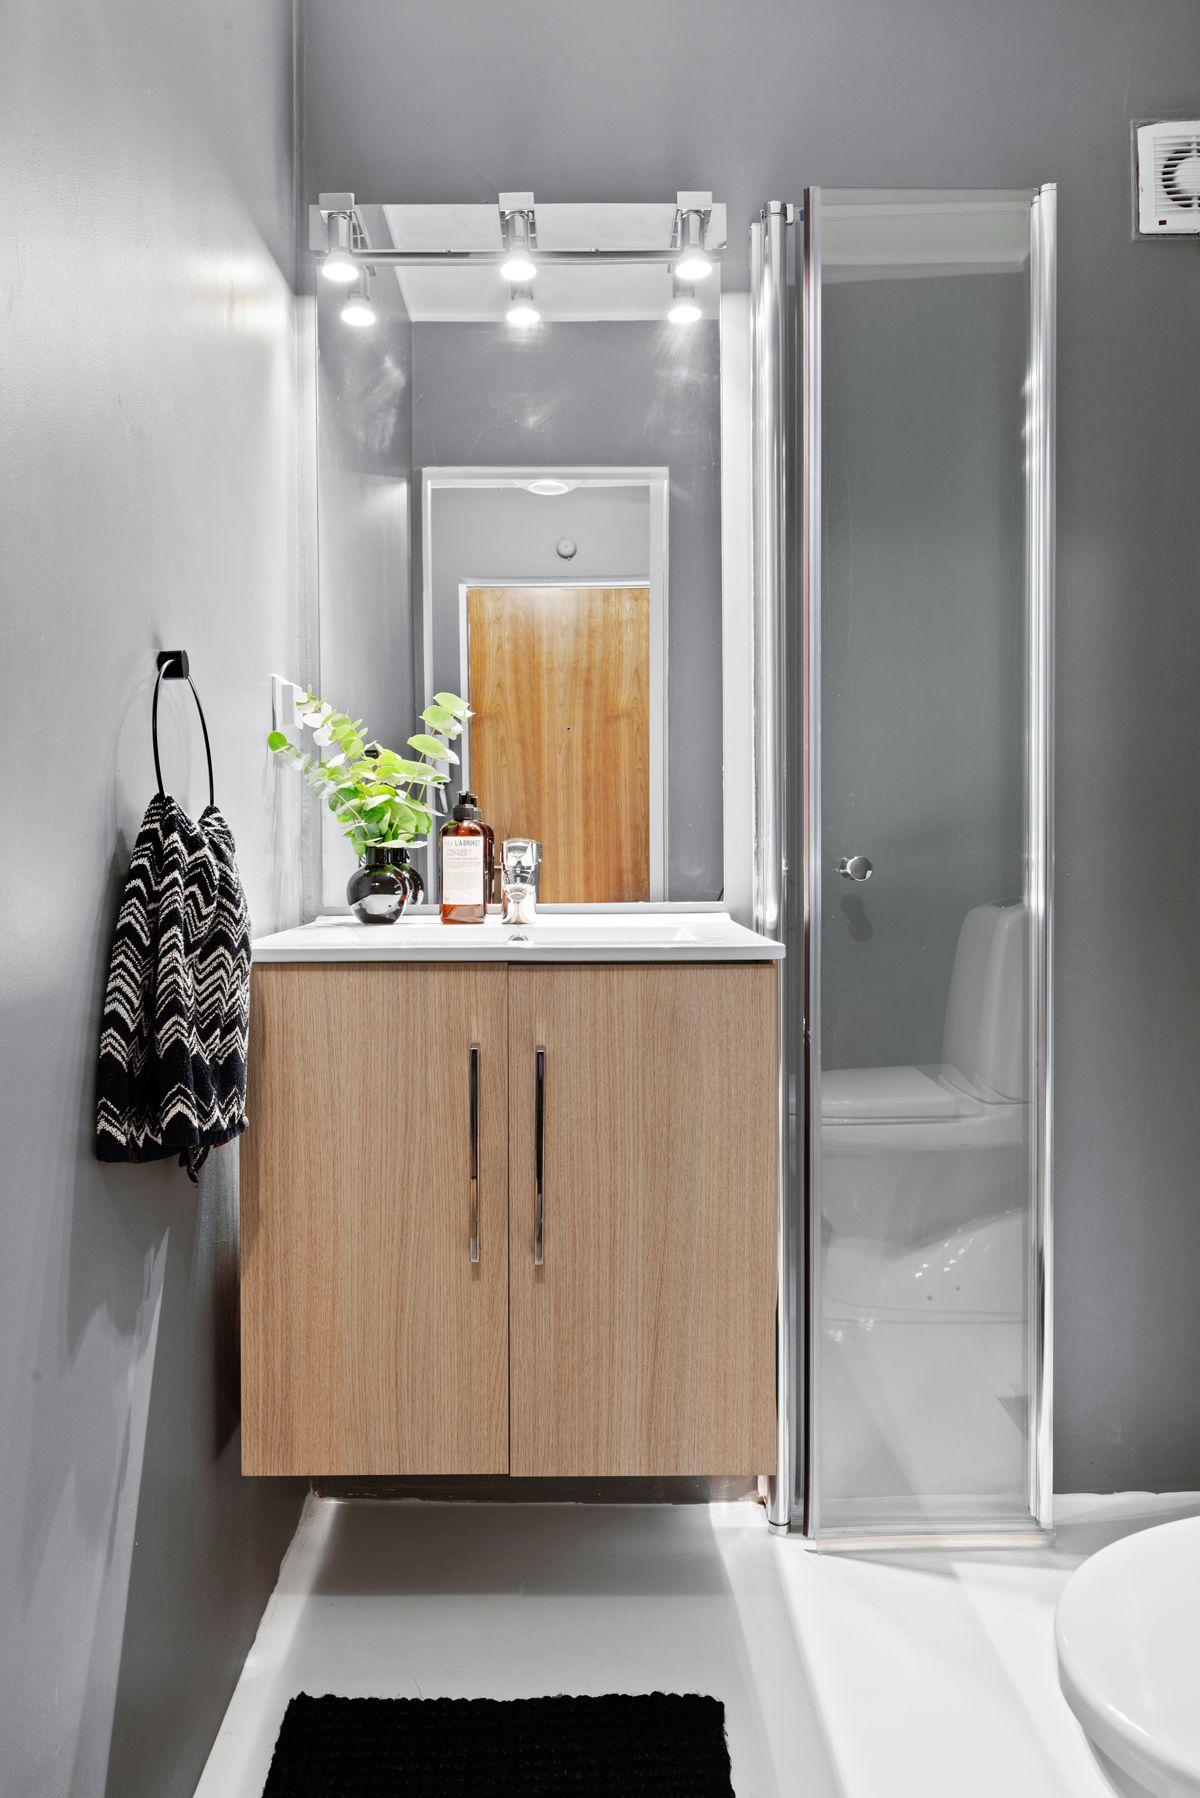 Thunes vei 4 B Baderommet inneholder dusjhjørne med to dusjhoder, toalett, servantskap og speil.